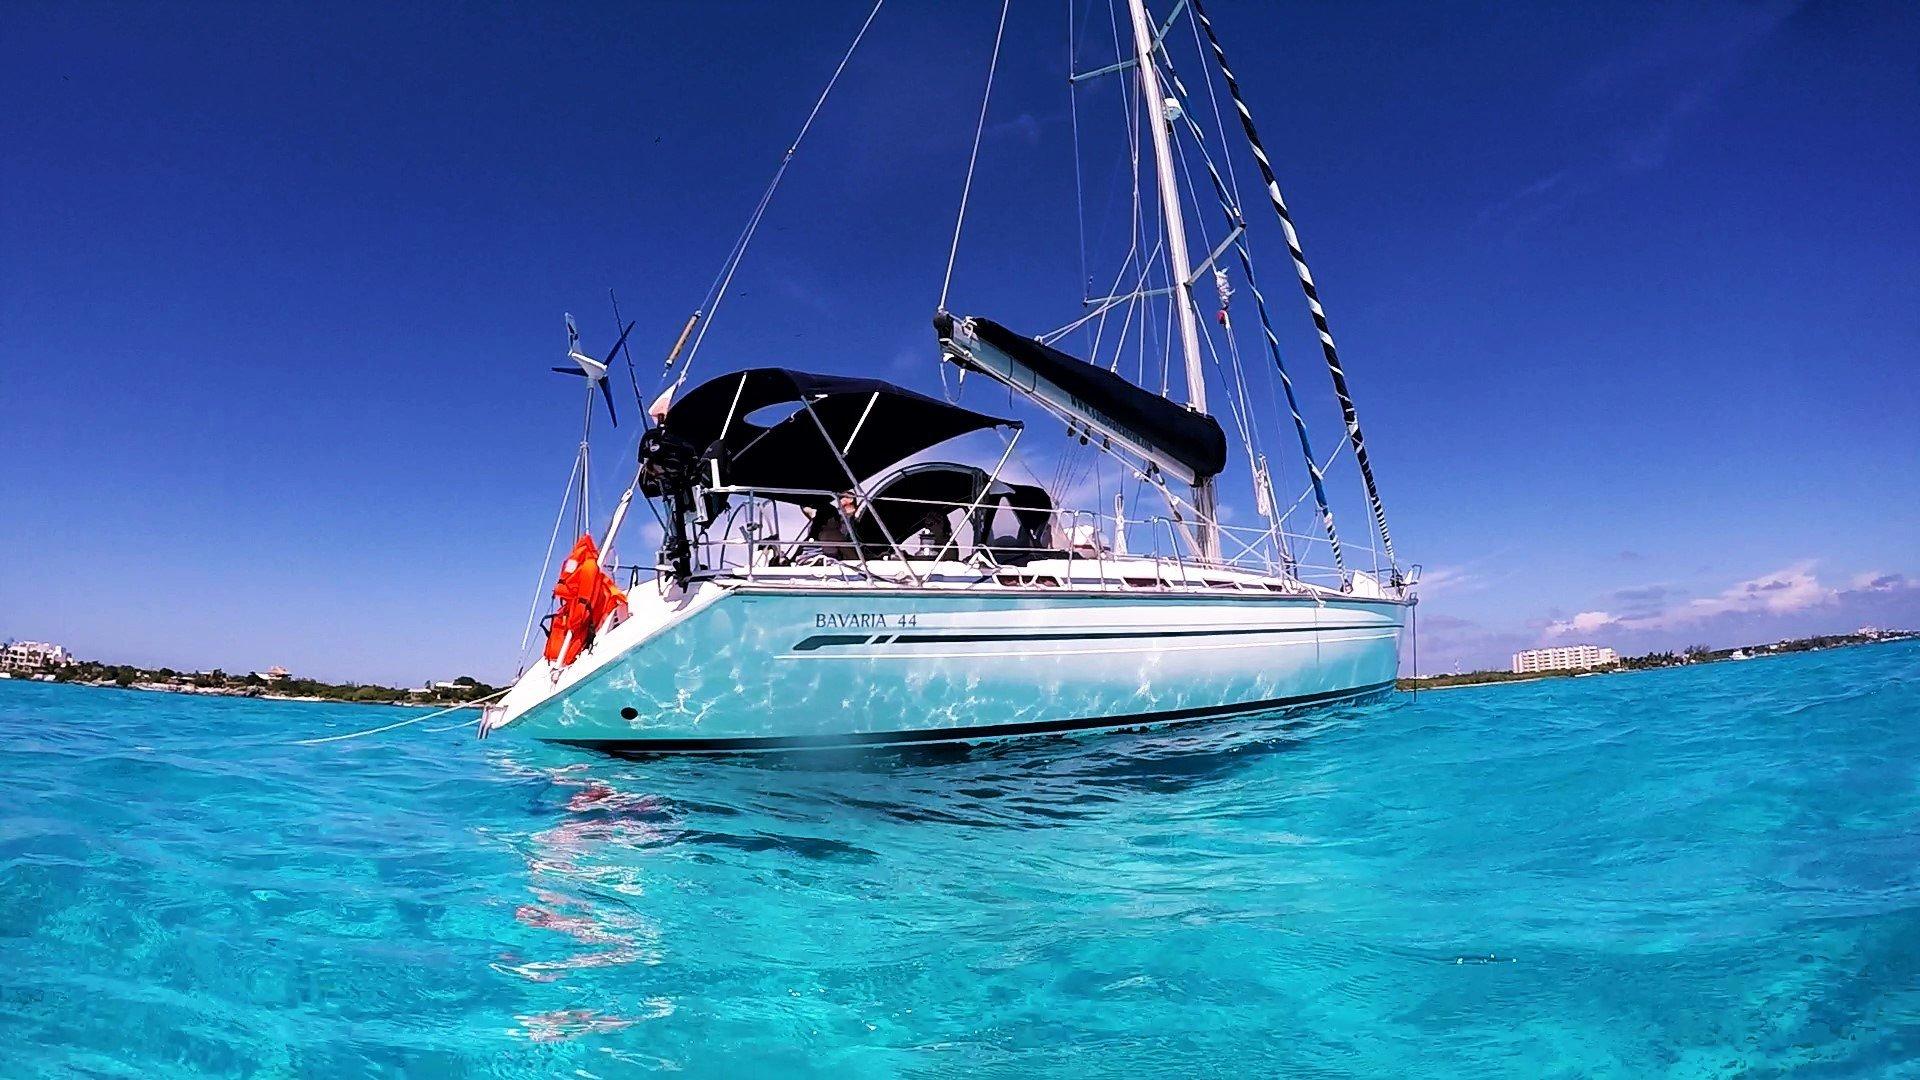 Cursos de navegación a vela en Cancún